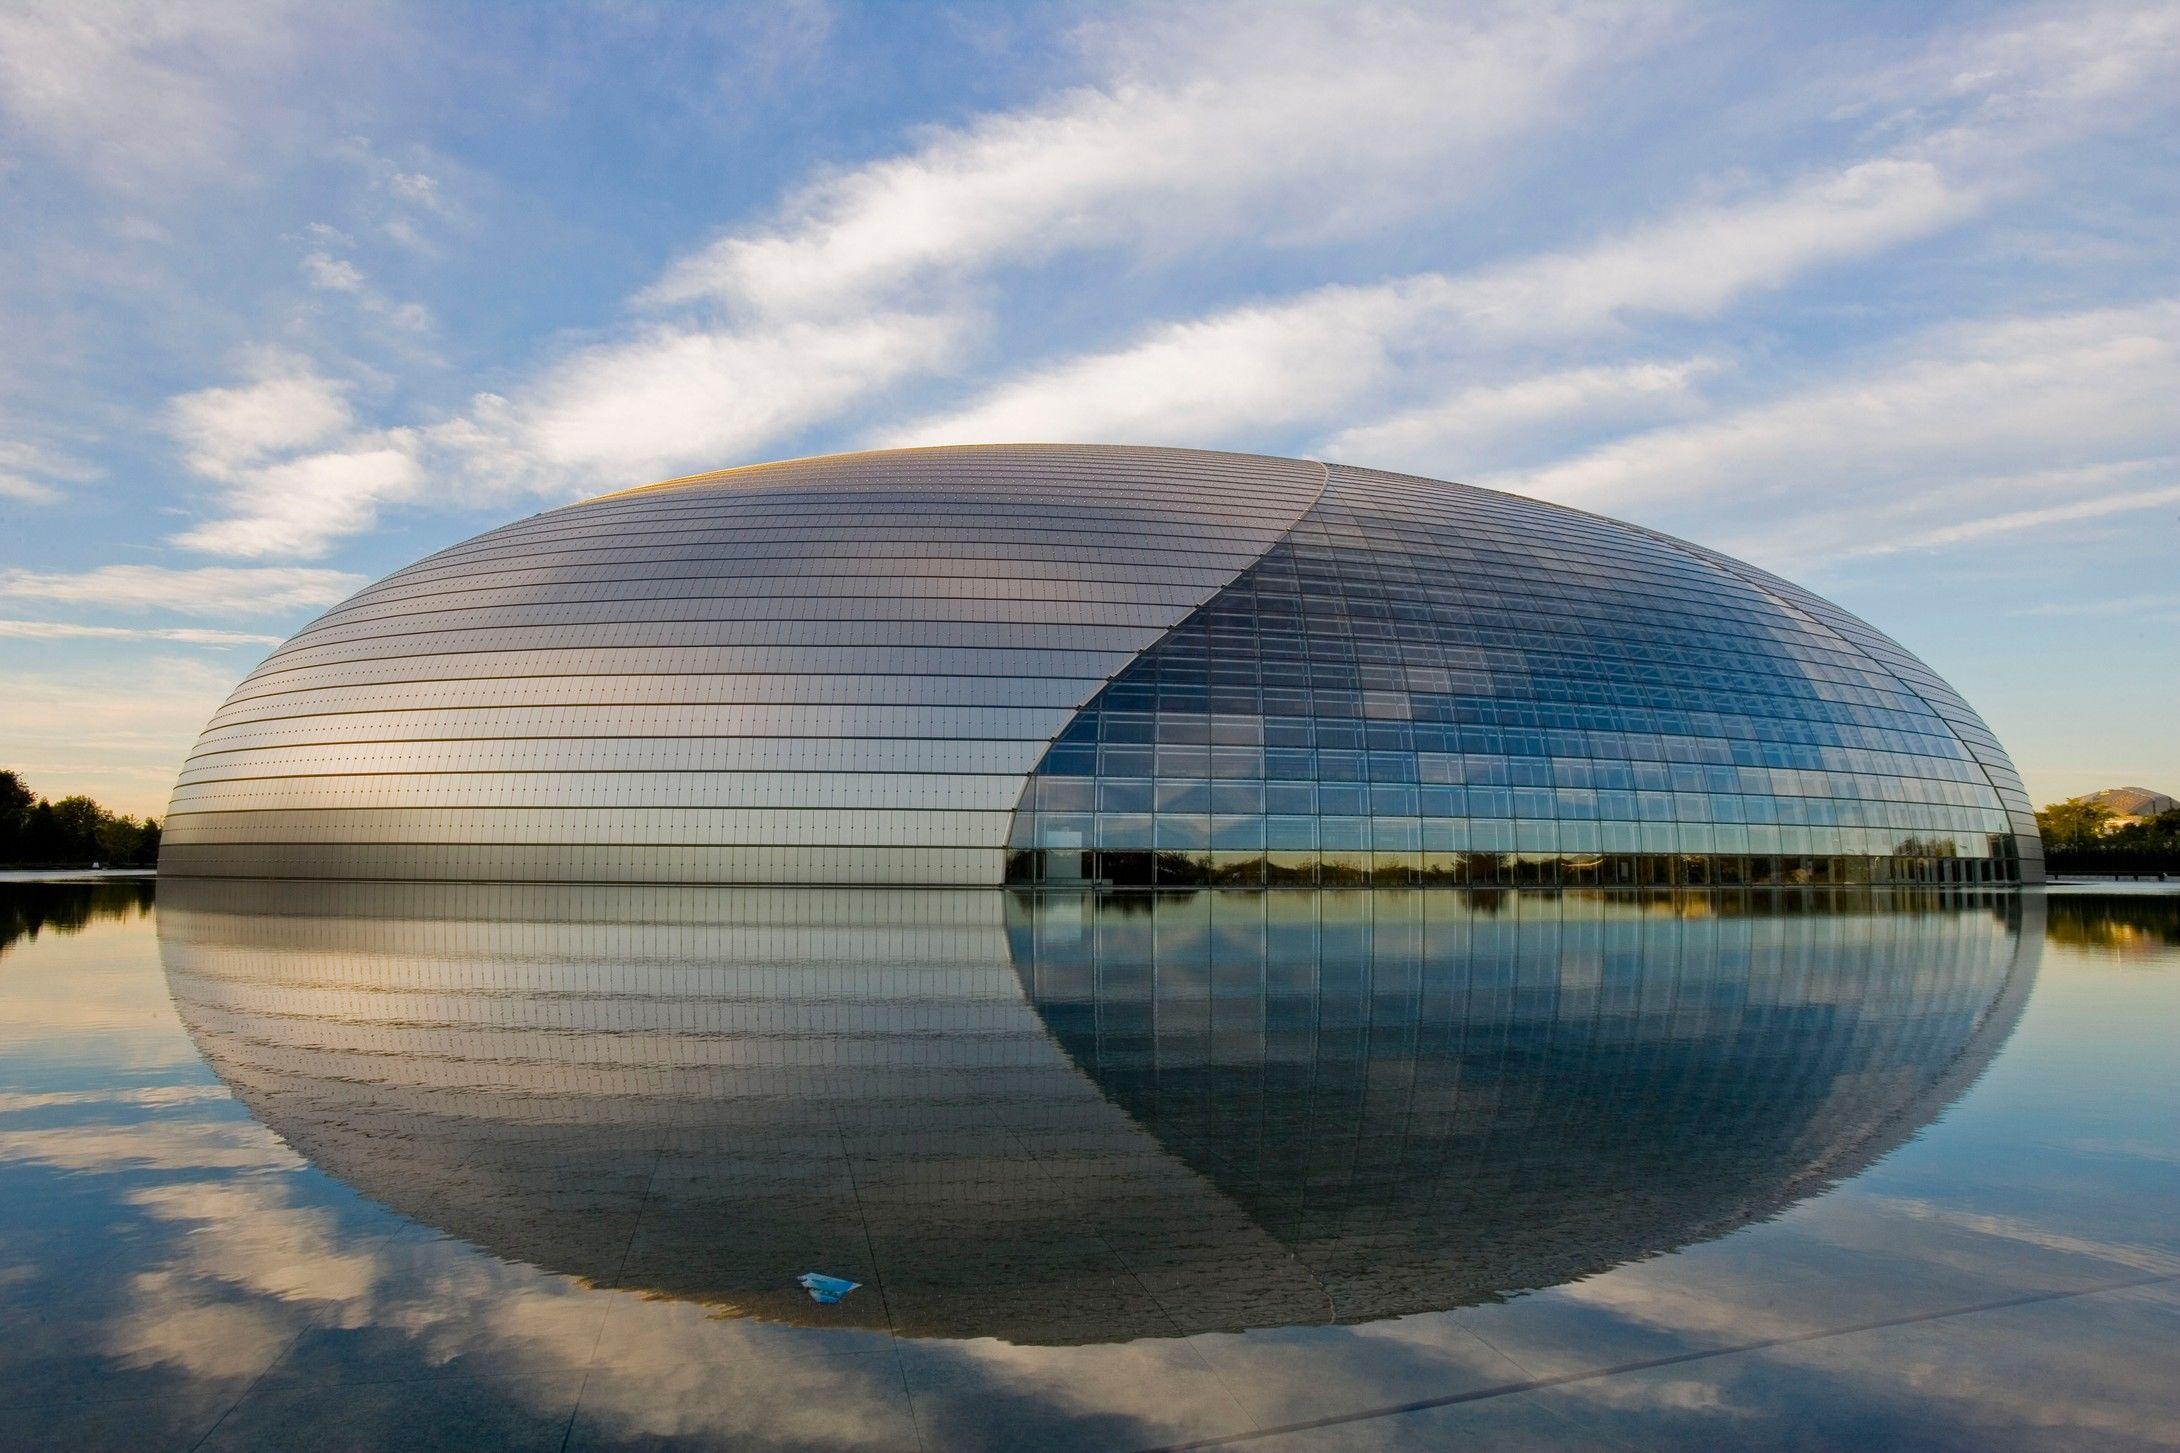 盘点中国现代最伟大的十大建筑,北京占绝大多数图片